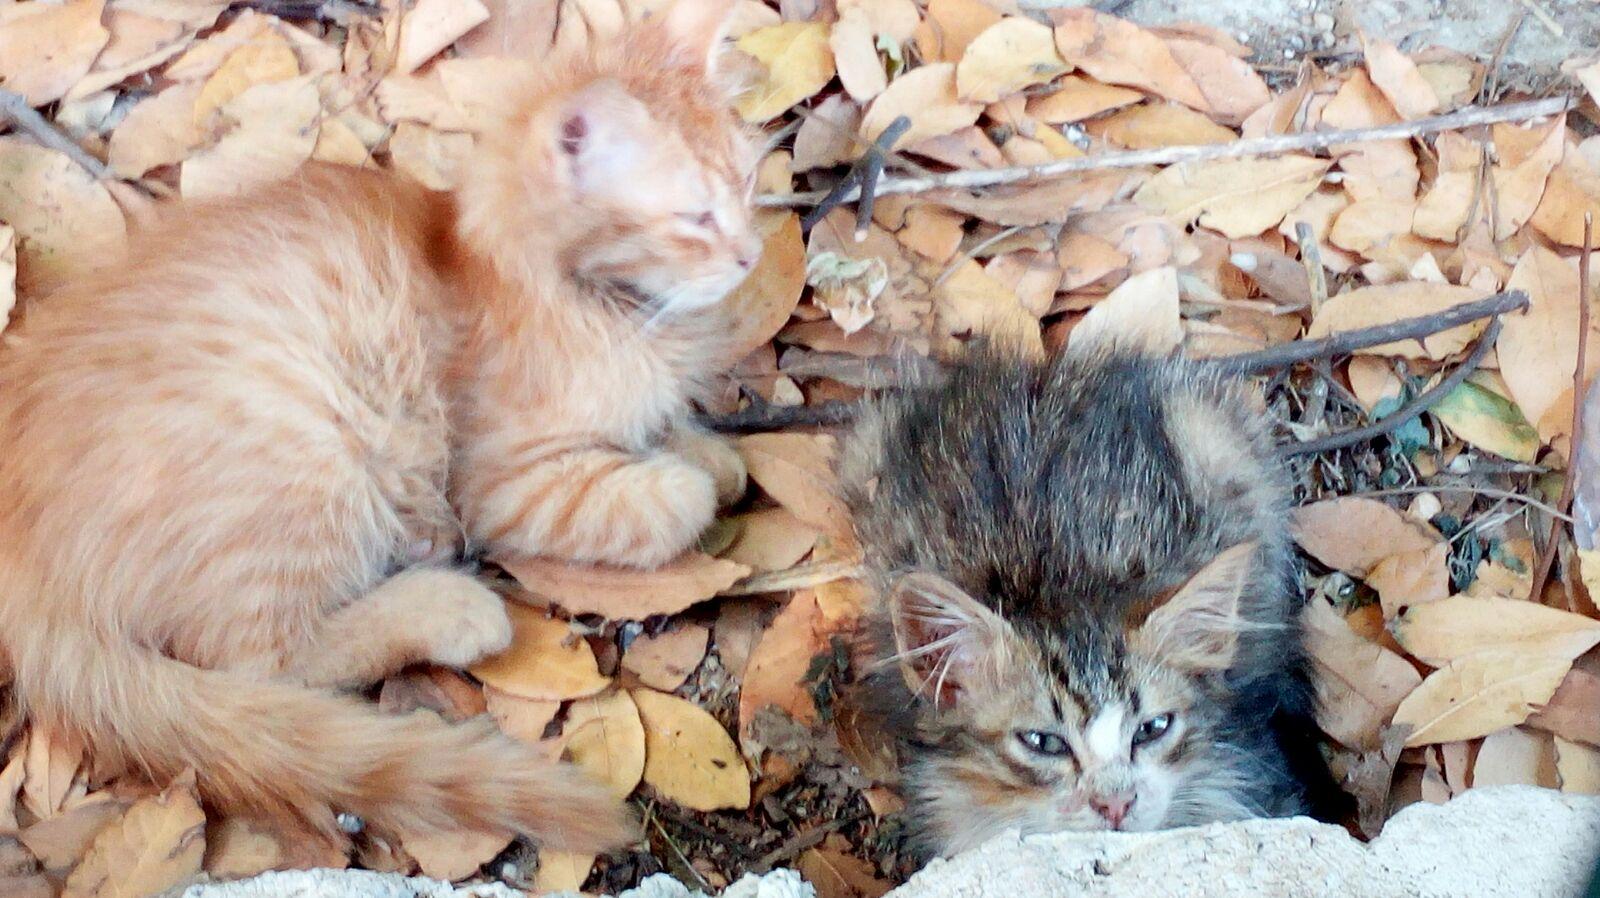 Capri. Gattini cercano Casa, le foto tenerissime dei cuccioli in cerca di Famiglia